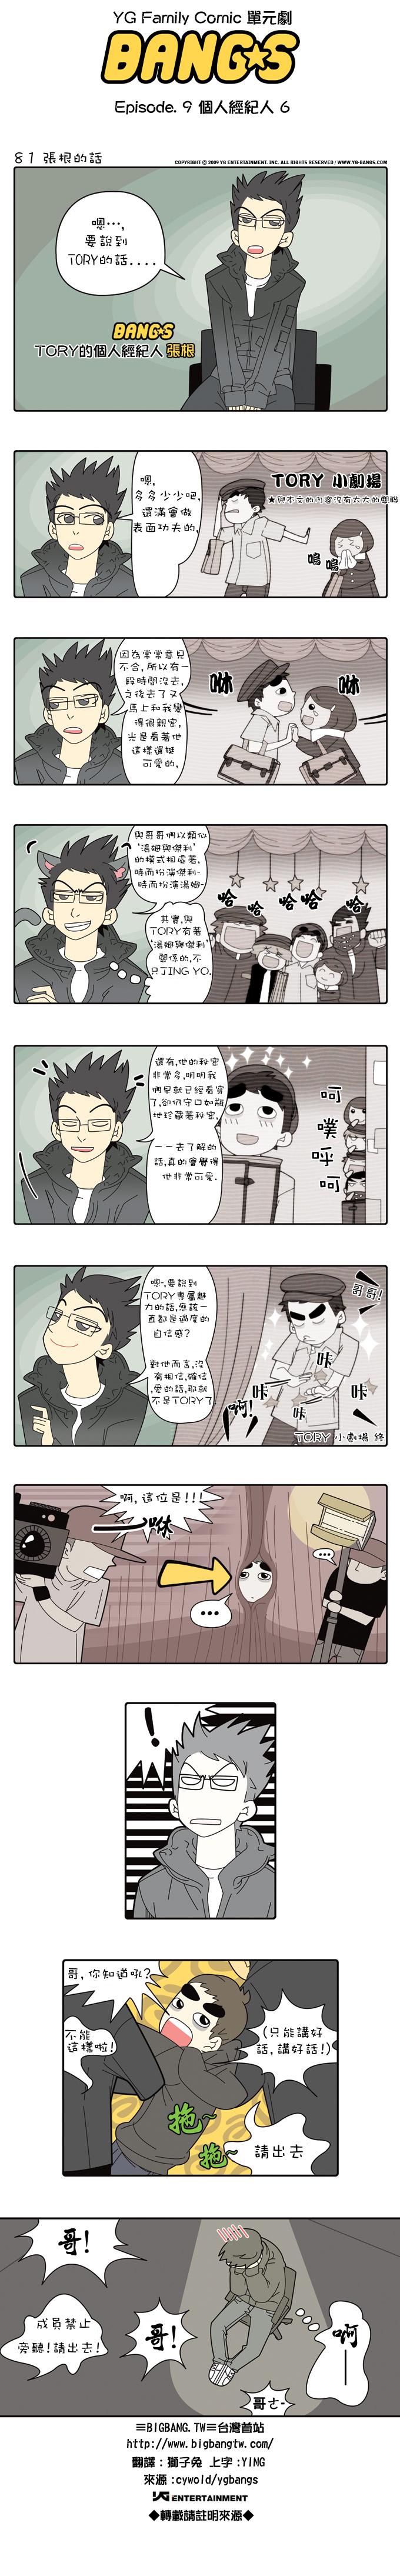 中譯 20091028_Episode 9_個人經紀人 081.png